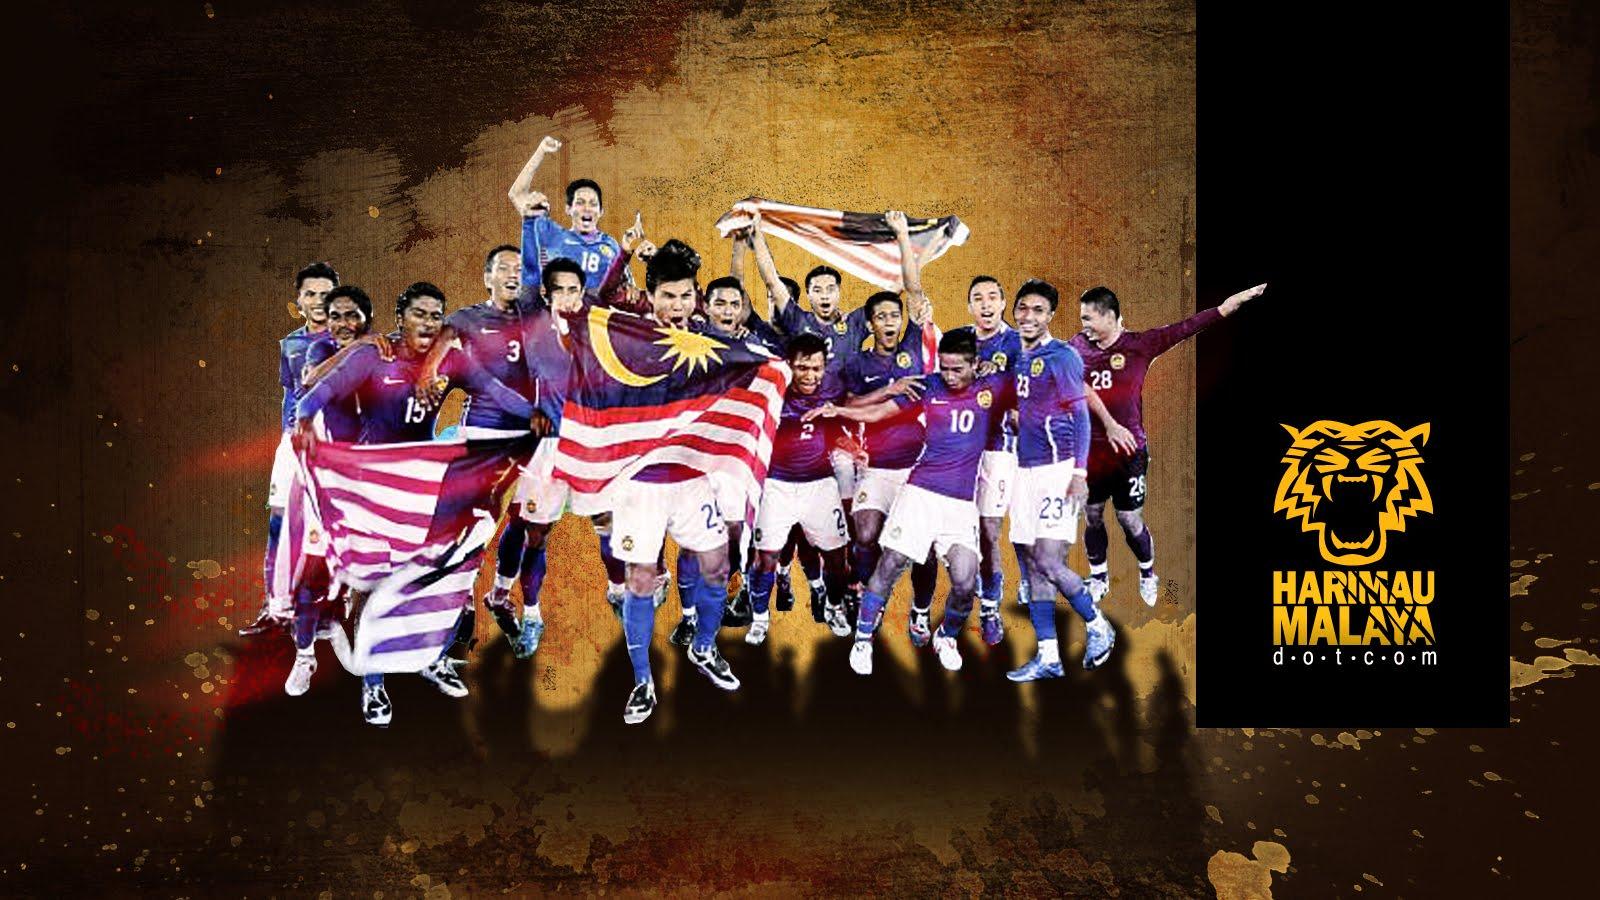 http://3.bp.blogspot.com/-emCtaFQJ_1k/TWUr9YlpDAI/AAAAAAAAAHw/a3TfINknxlE/s1600/Harimau_Malaya_Won_by_draxter7.jpg